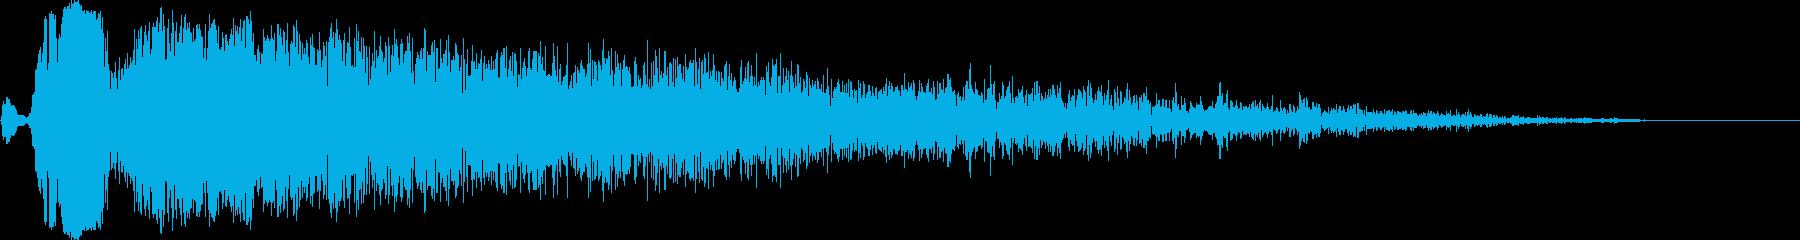 ビュオン( レーザービーム )の再生済みの波形